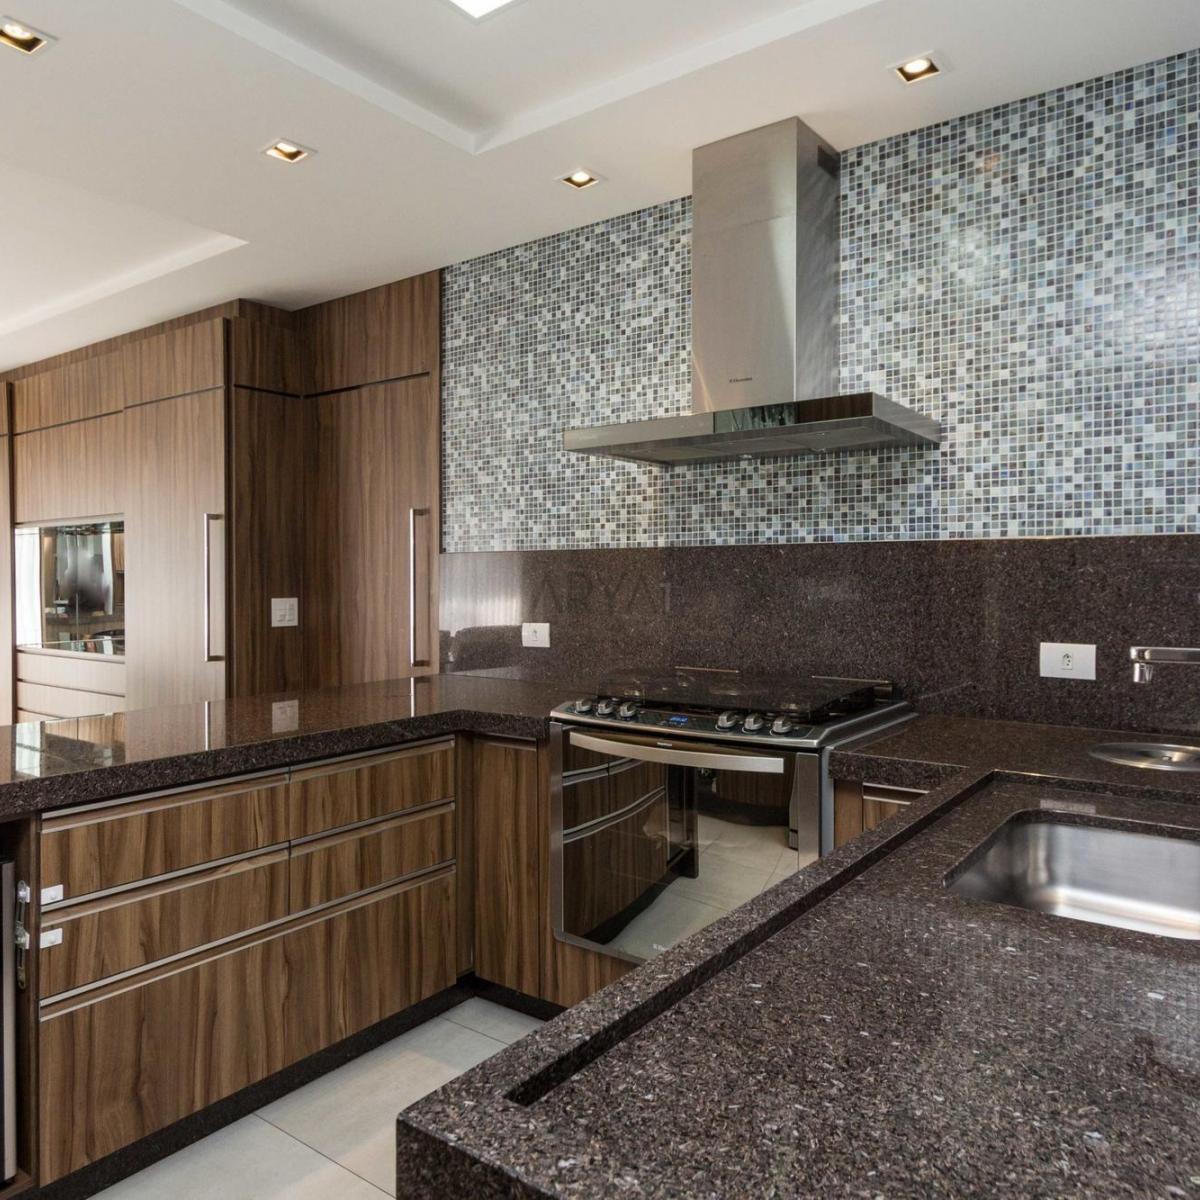 http://www.infocenterhost2.com.br/crm/fotosimovel/296321/104021049-apartamento-curitiba-alto-da-xv.jpg